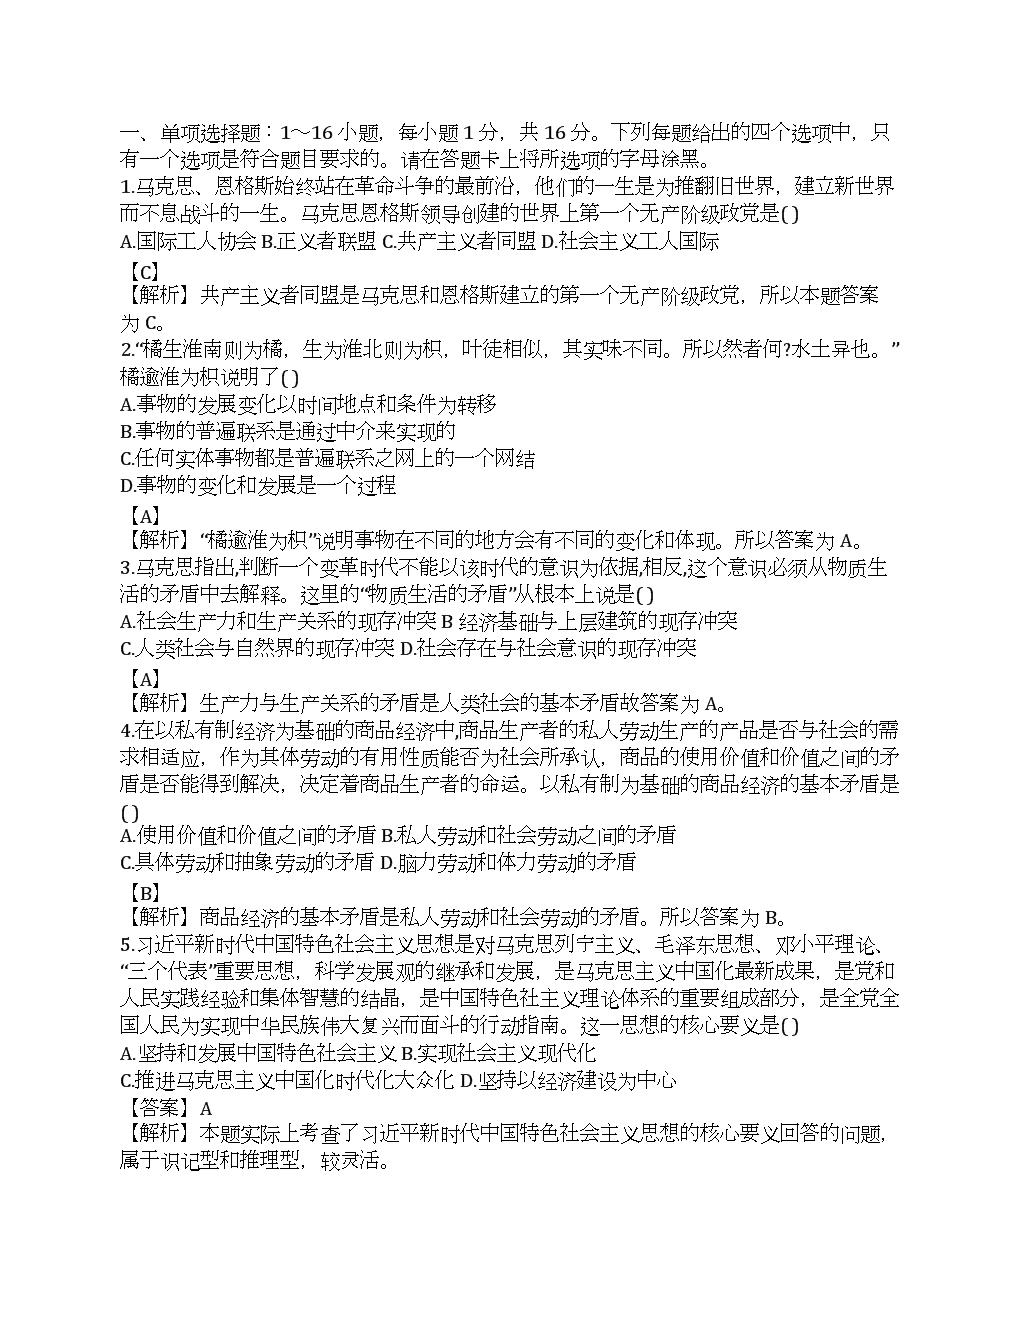 2019考研政治真題及答案解析【完整版】.docx